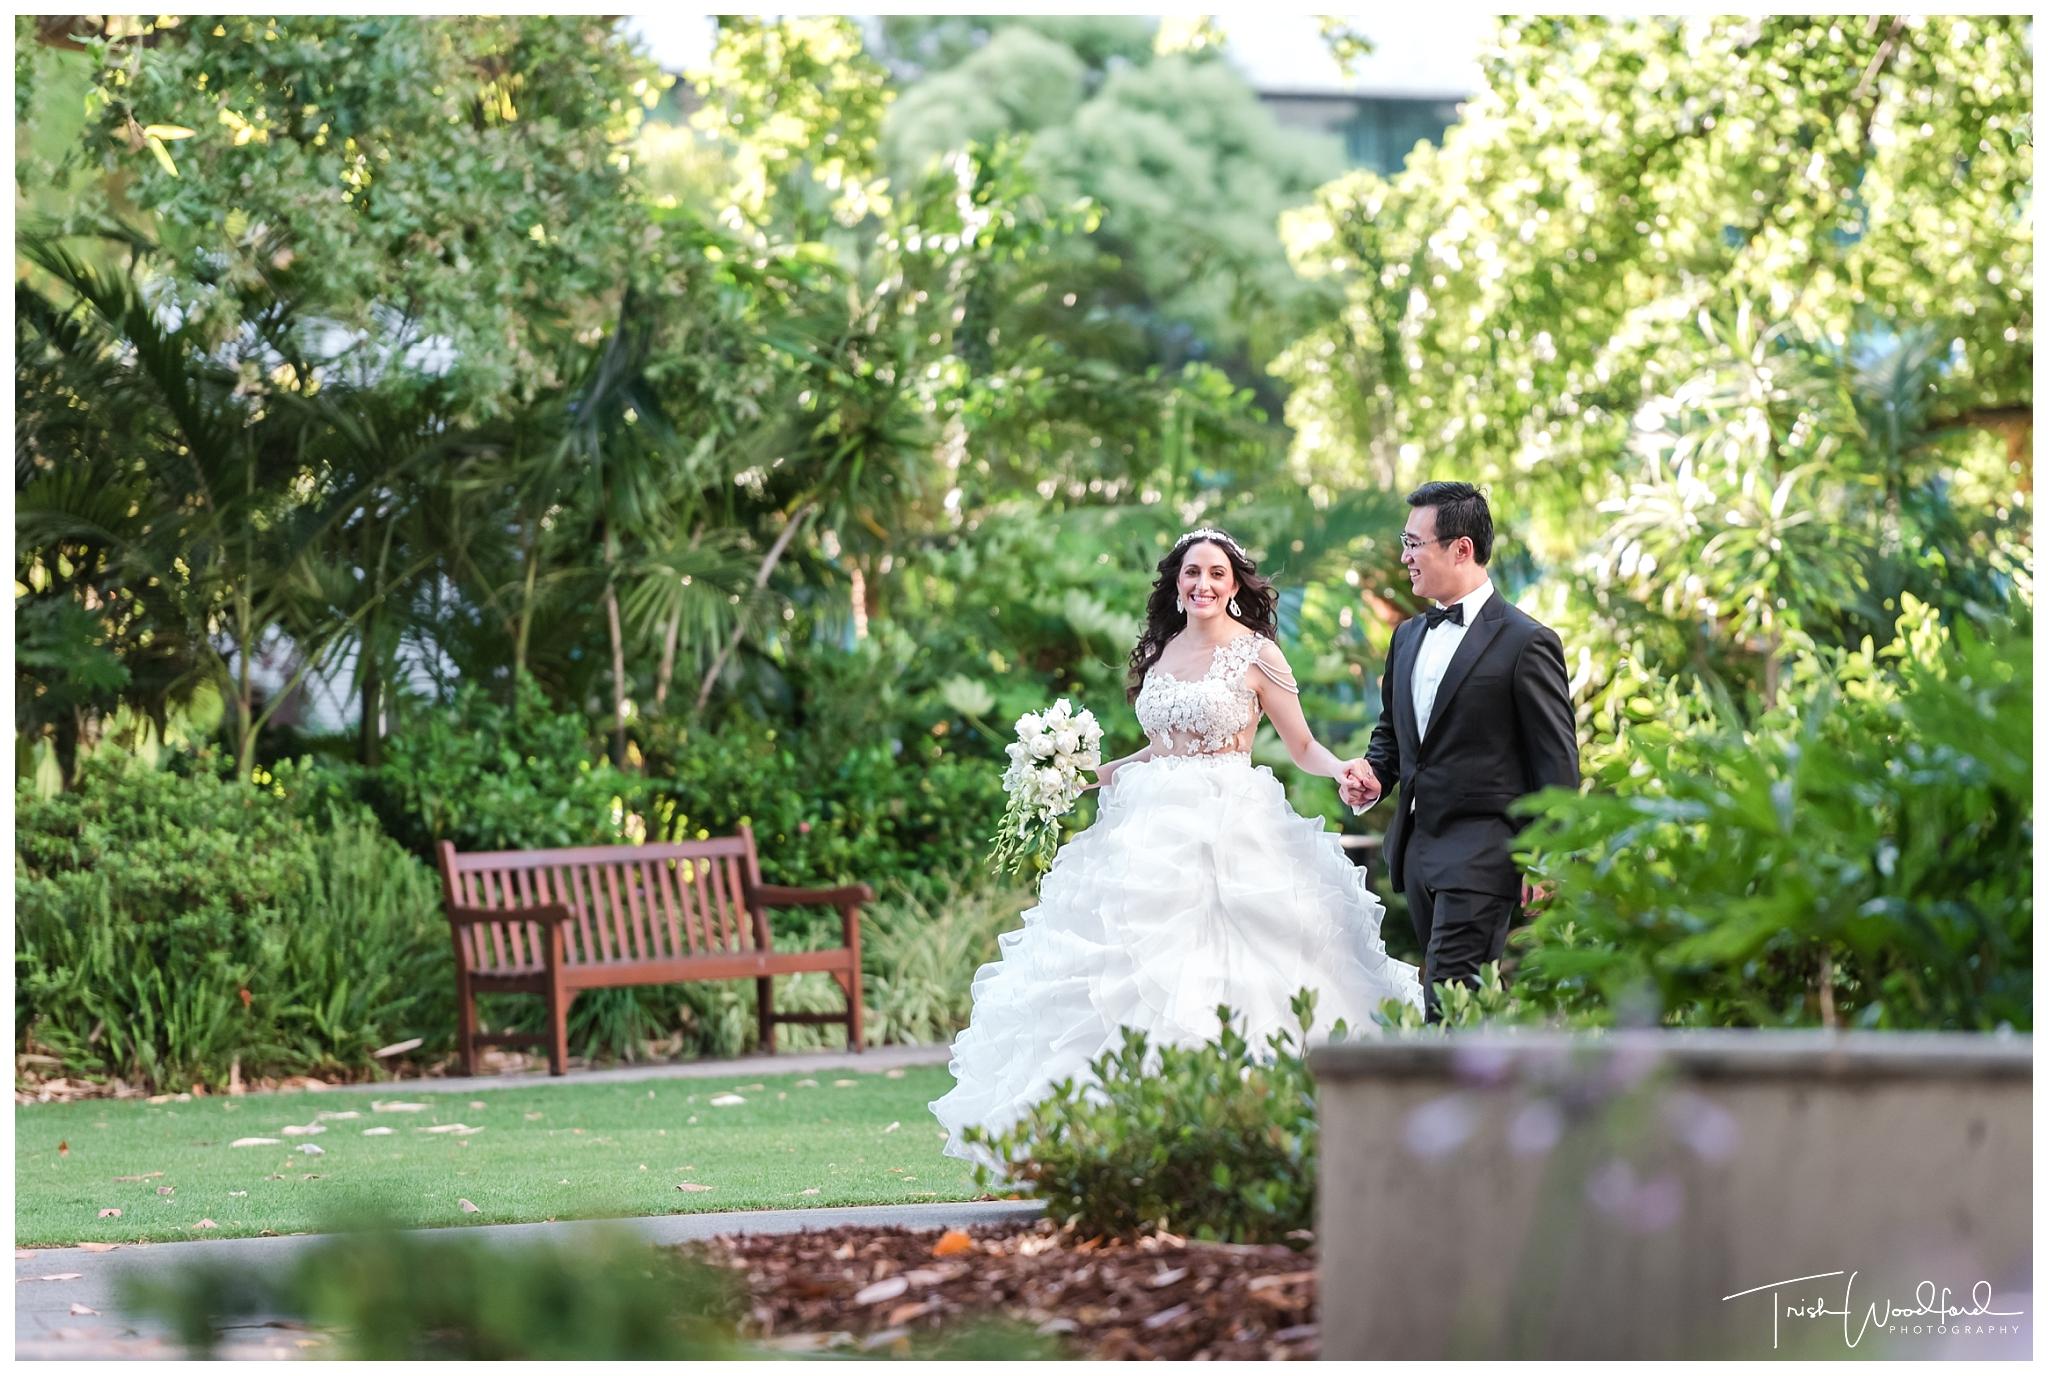 Stirling Gardens Wedding Portrait Photos